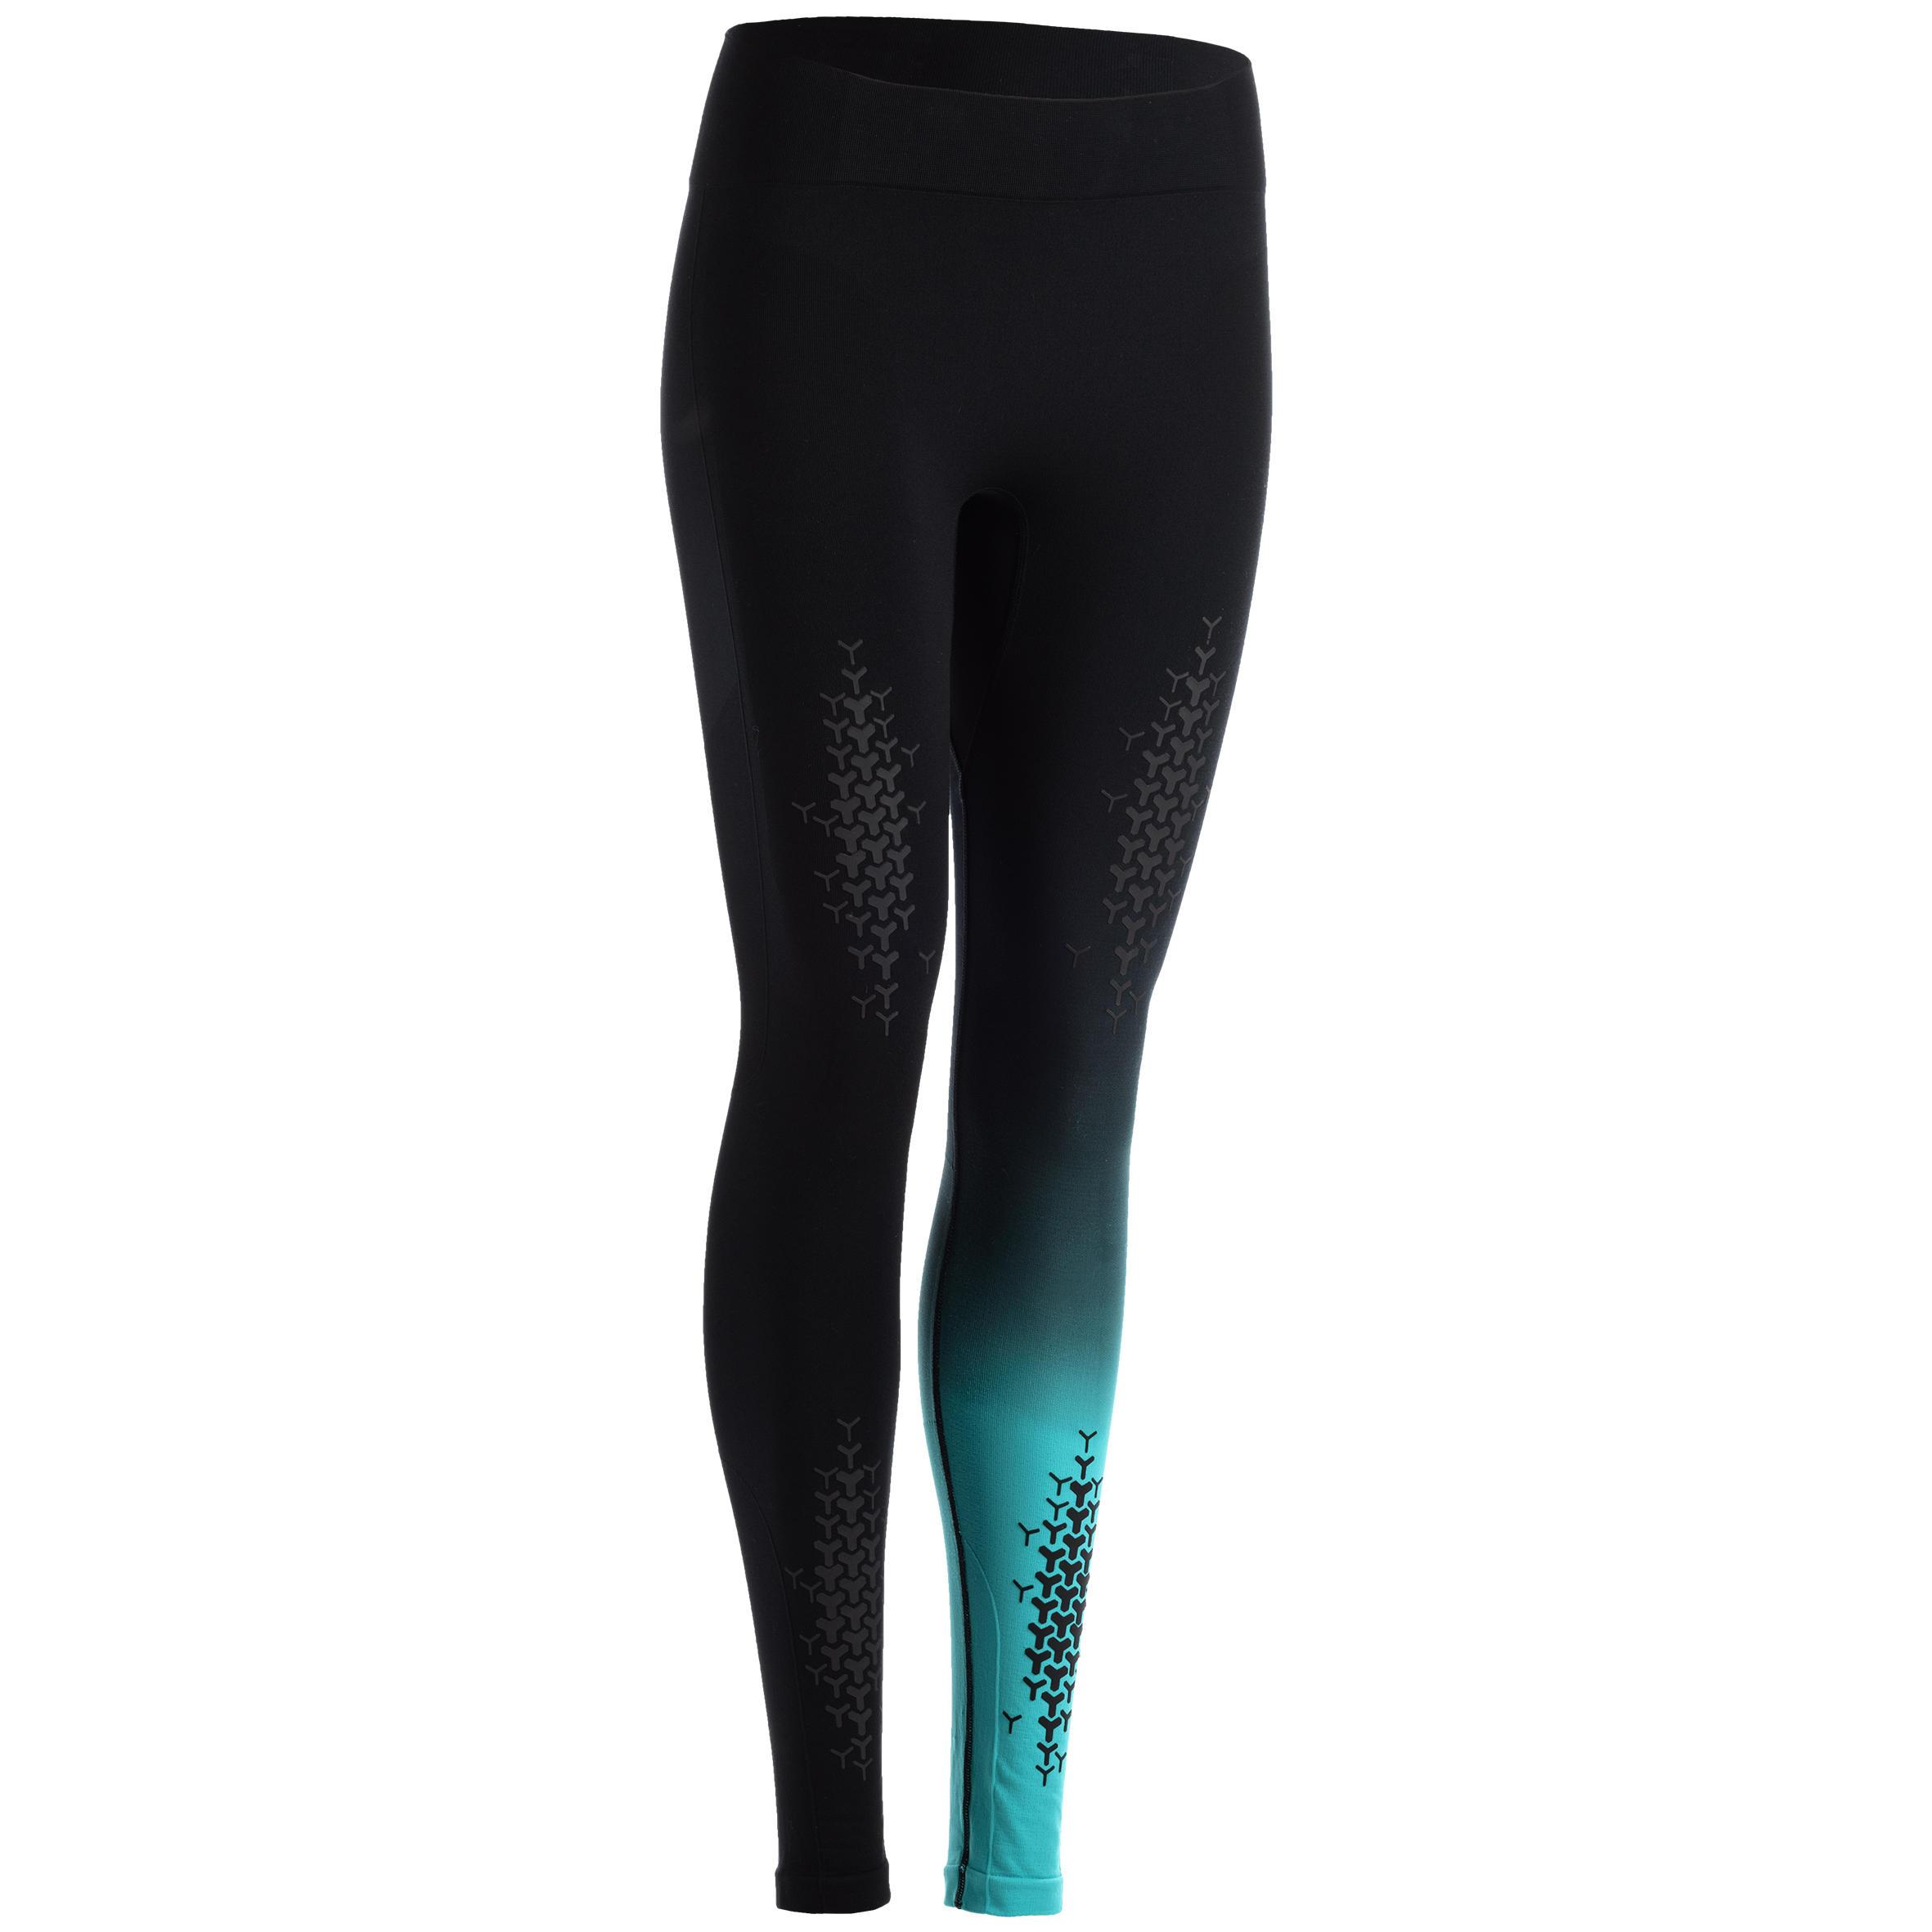 Domyos Legging crosstraining 900 dames, zwart/blauw